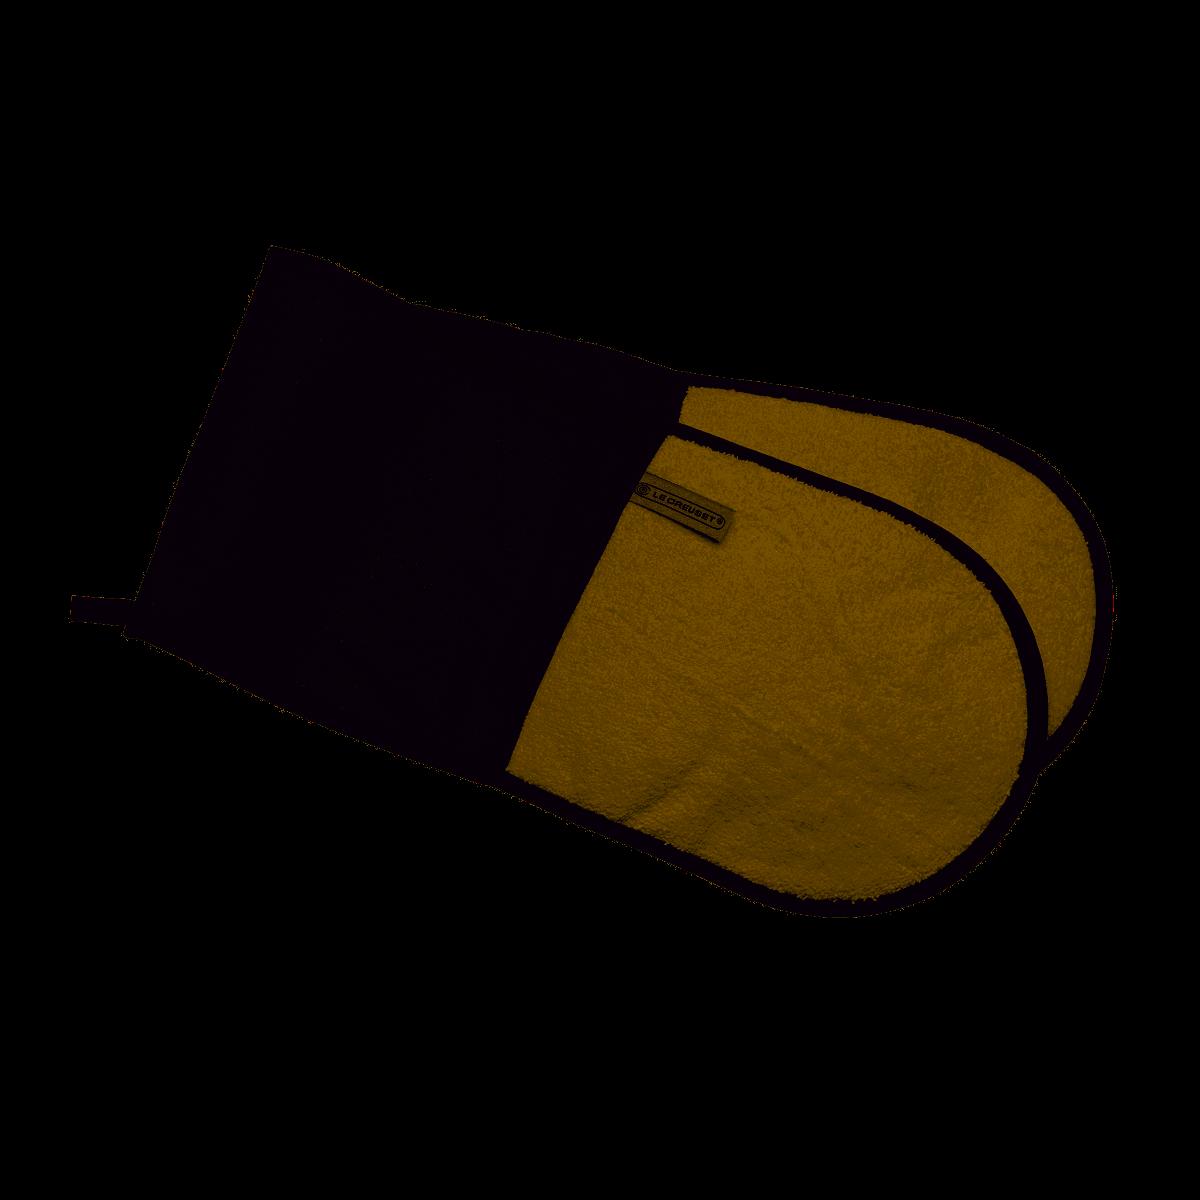 LE CREUSET - Keukentextiel - Dubbele ovenwant Grijs